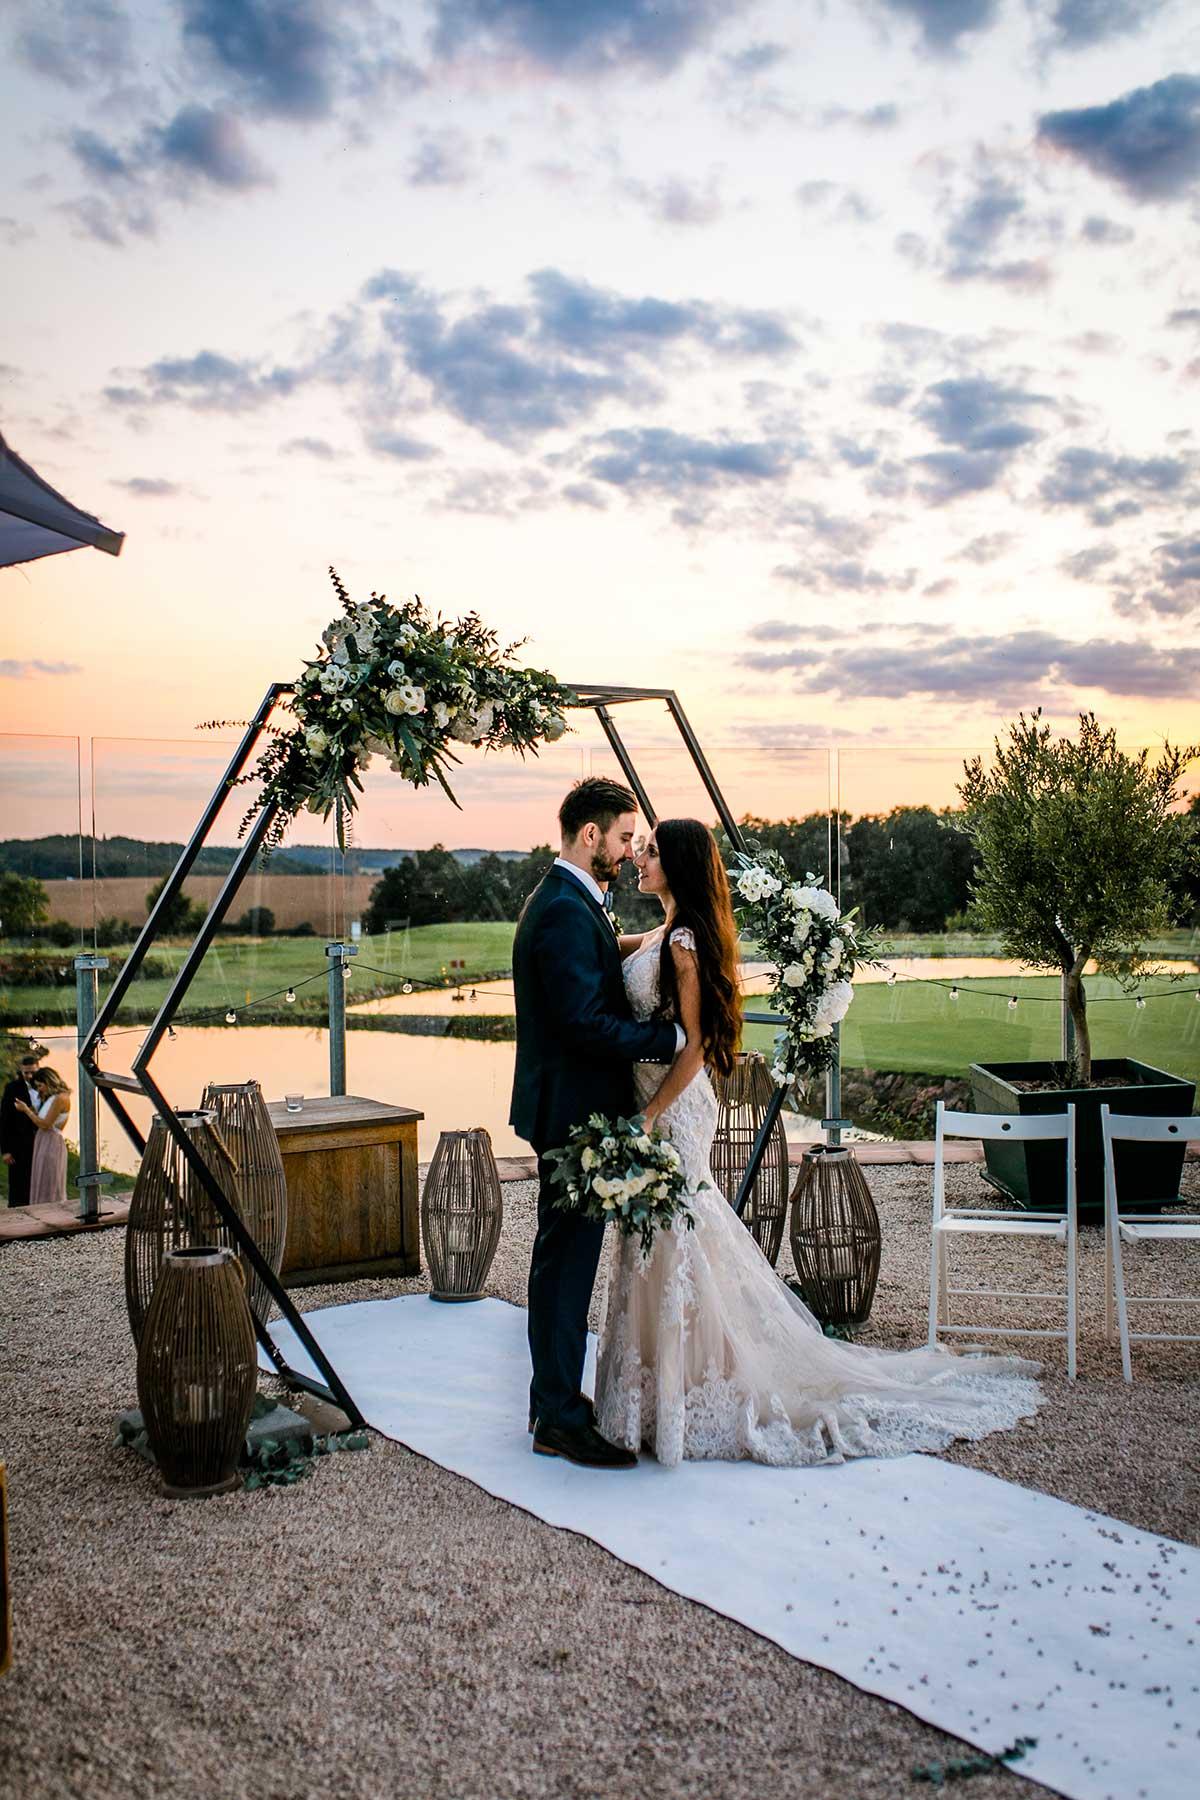 Braut und Bräutigam beim Fotoshooting im Sonnenuntergang